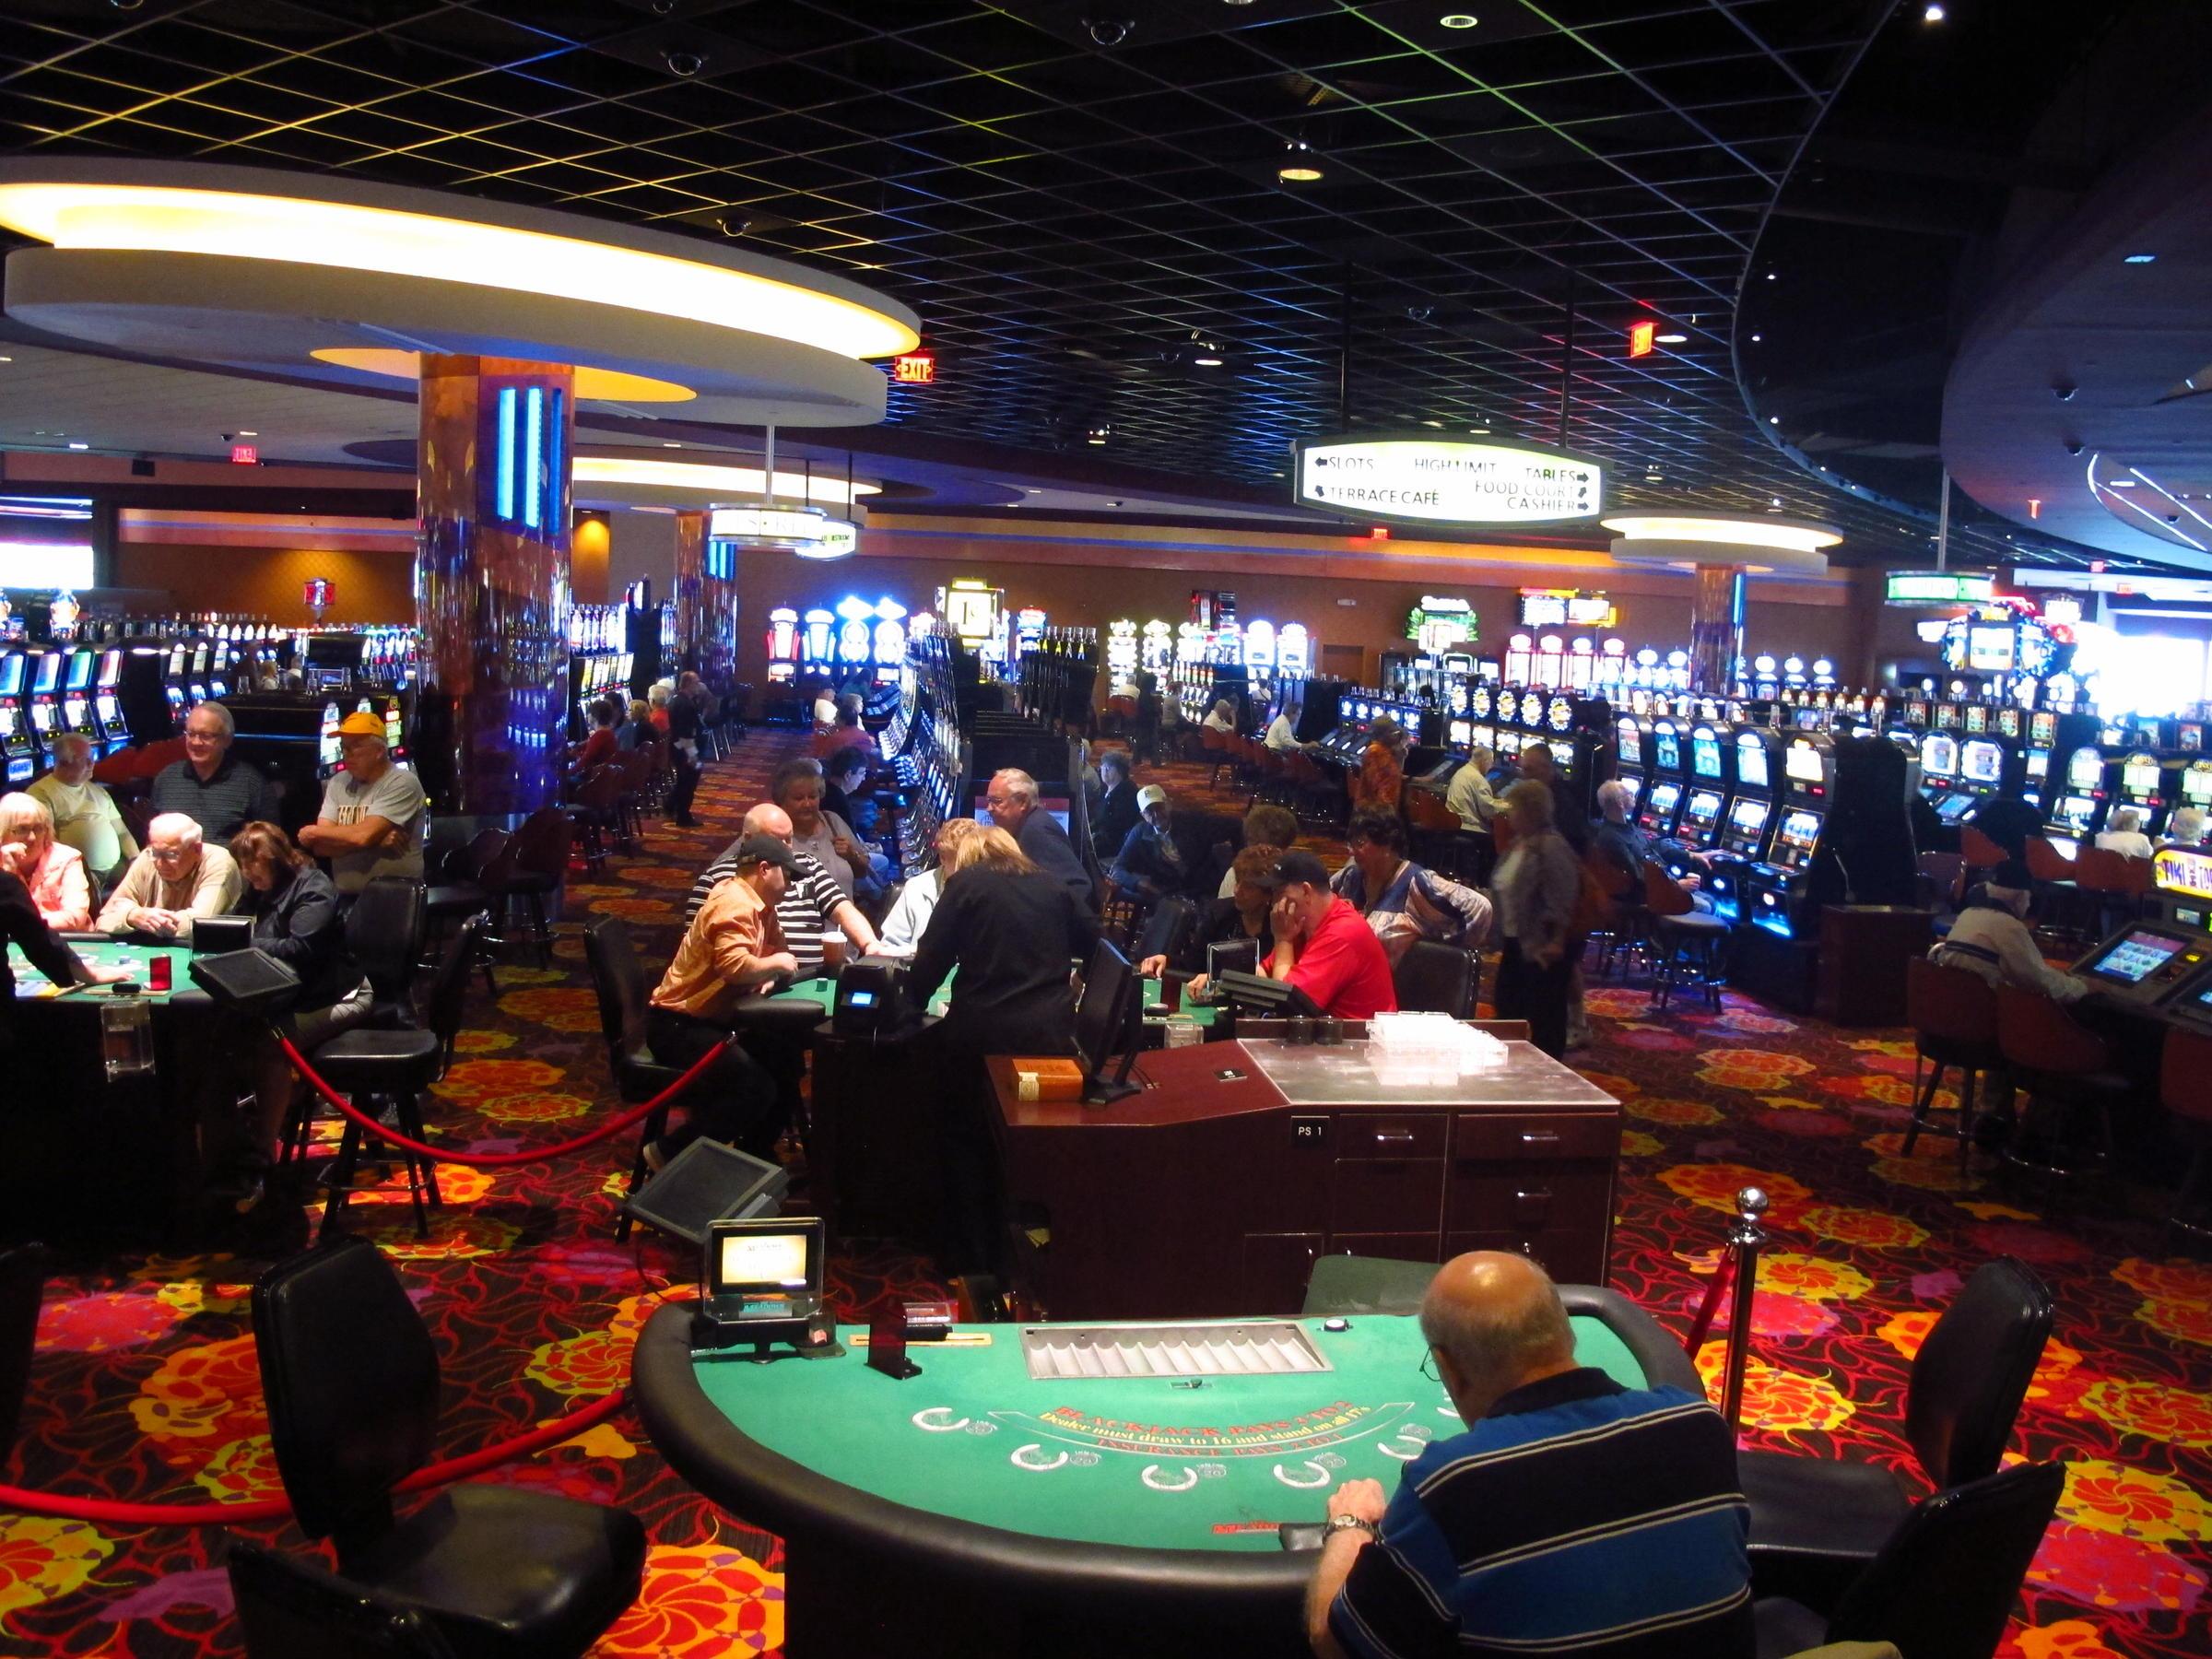 geant casino marseille 13011